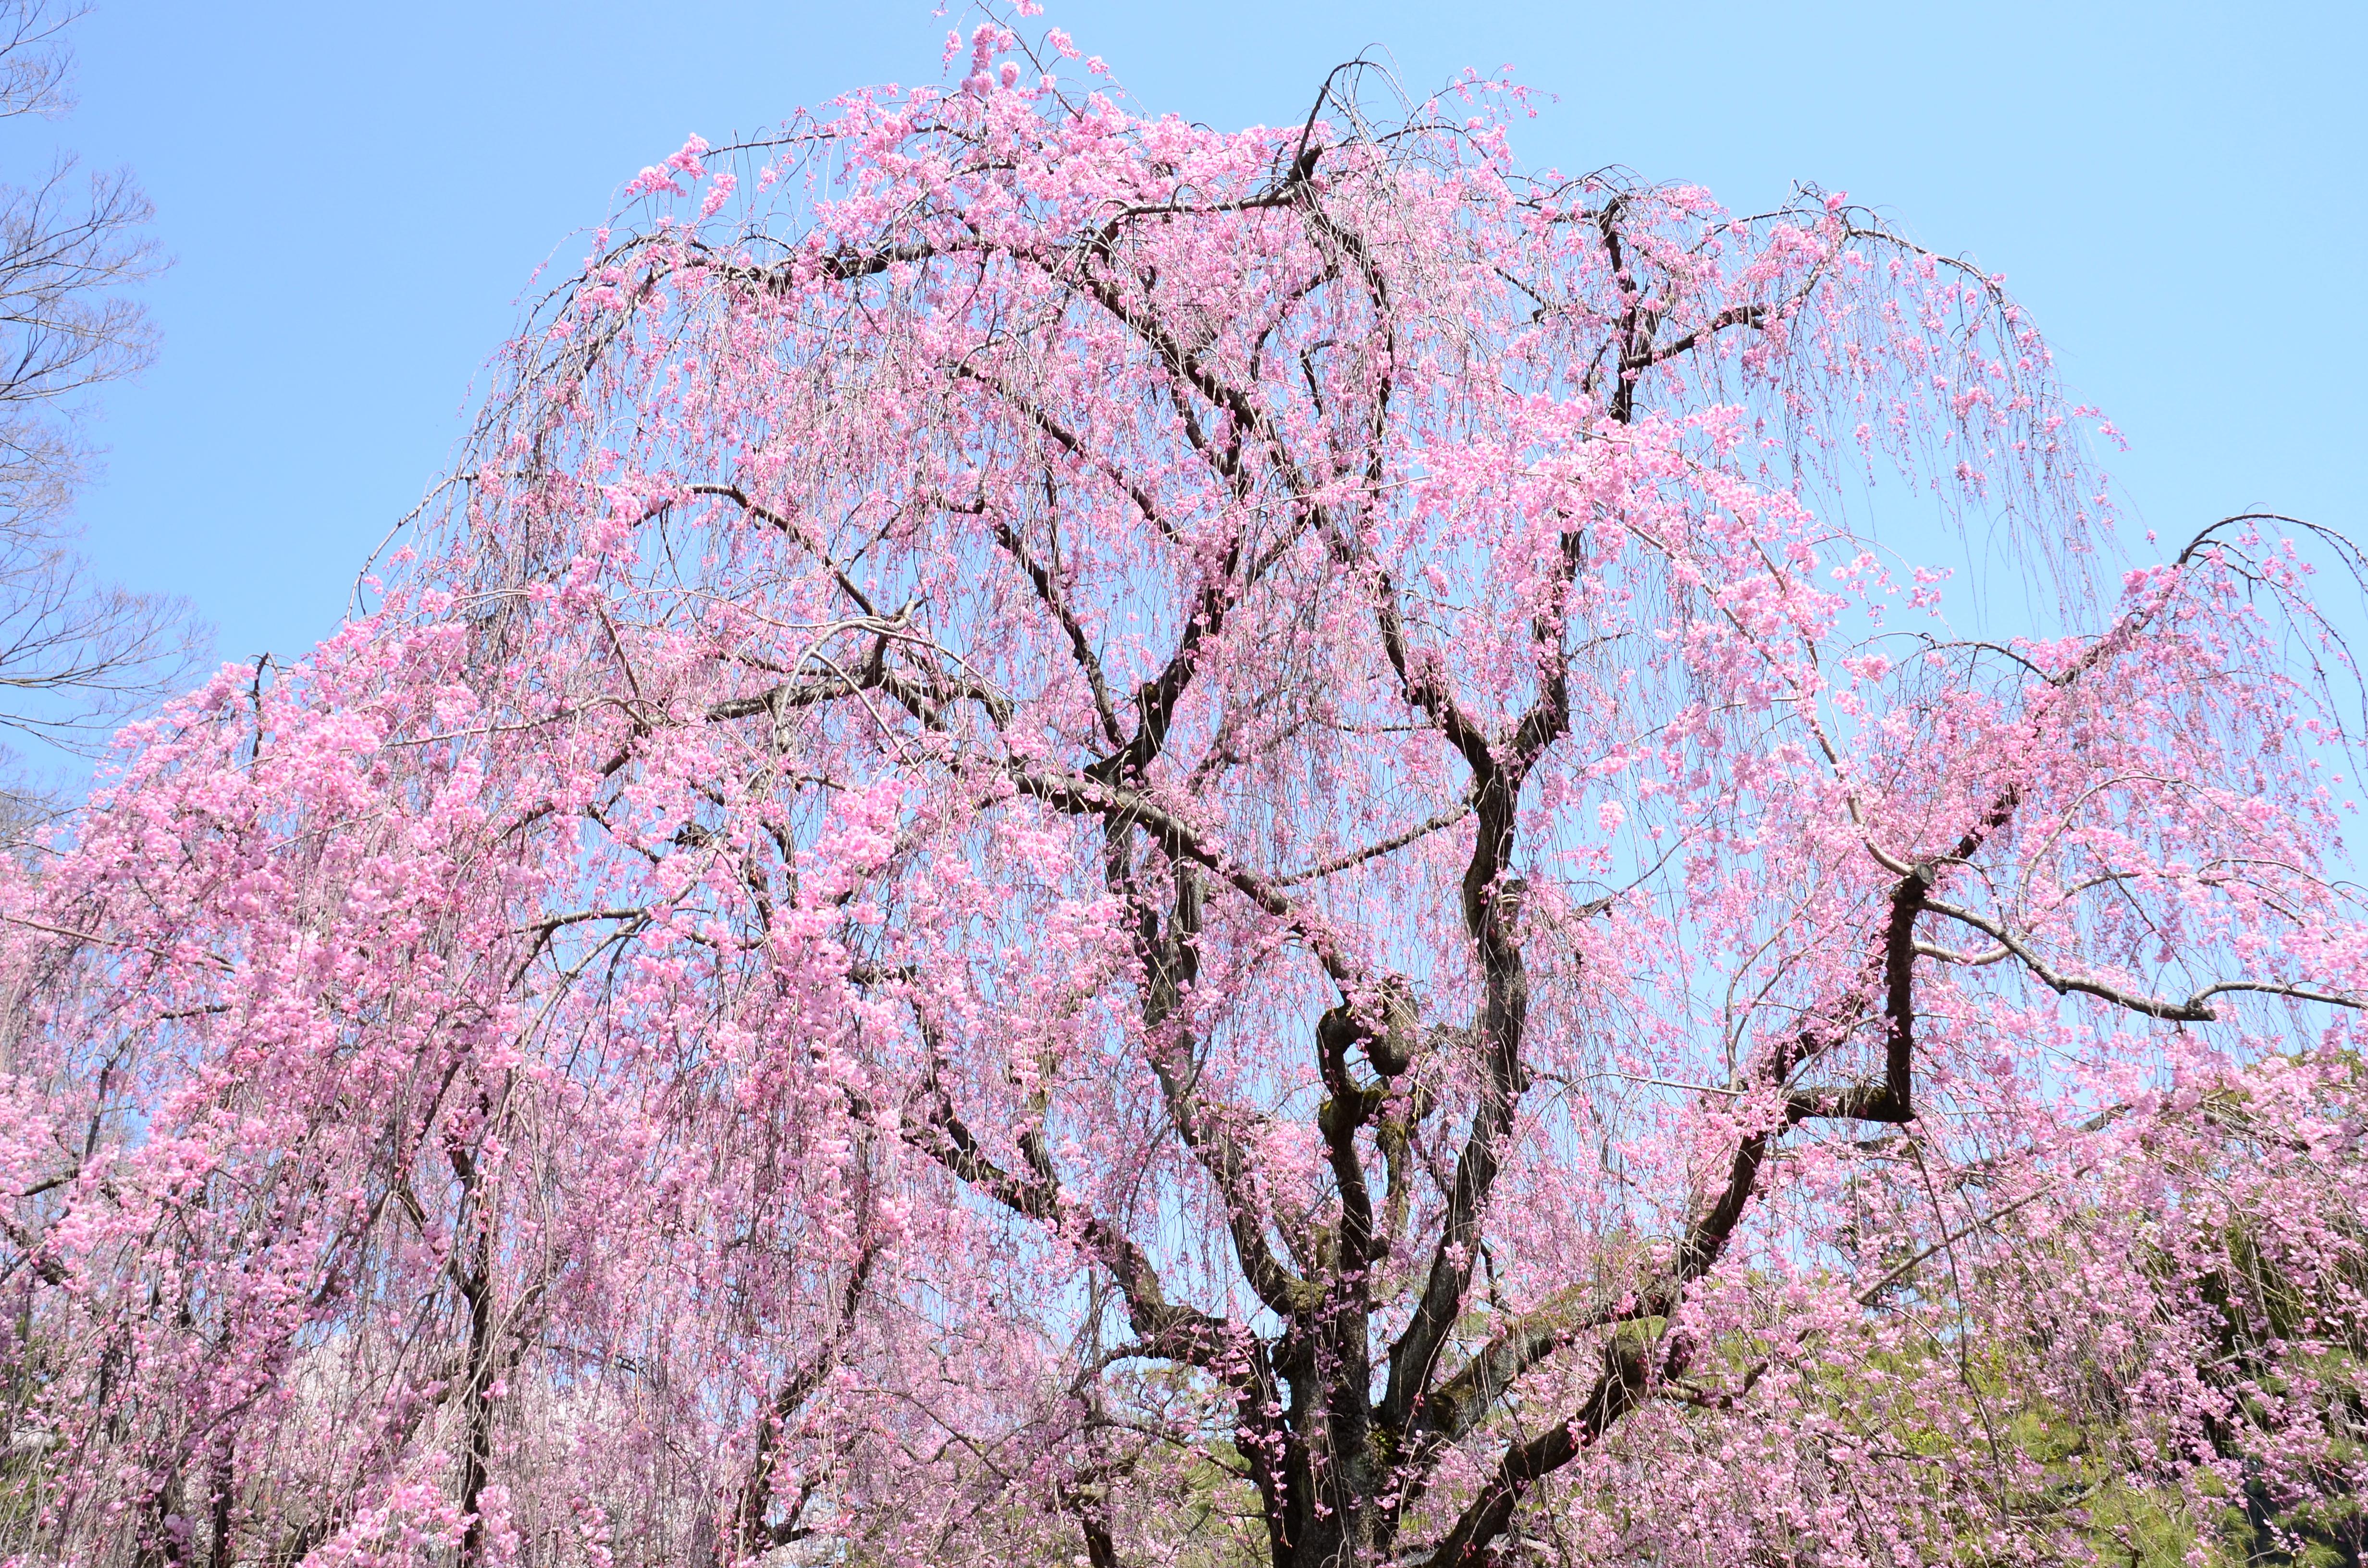 Sfondi giappone ramo fiore di ciliegio nikon fiorire for Pianta di ciliegio